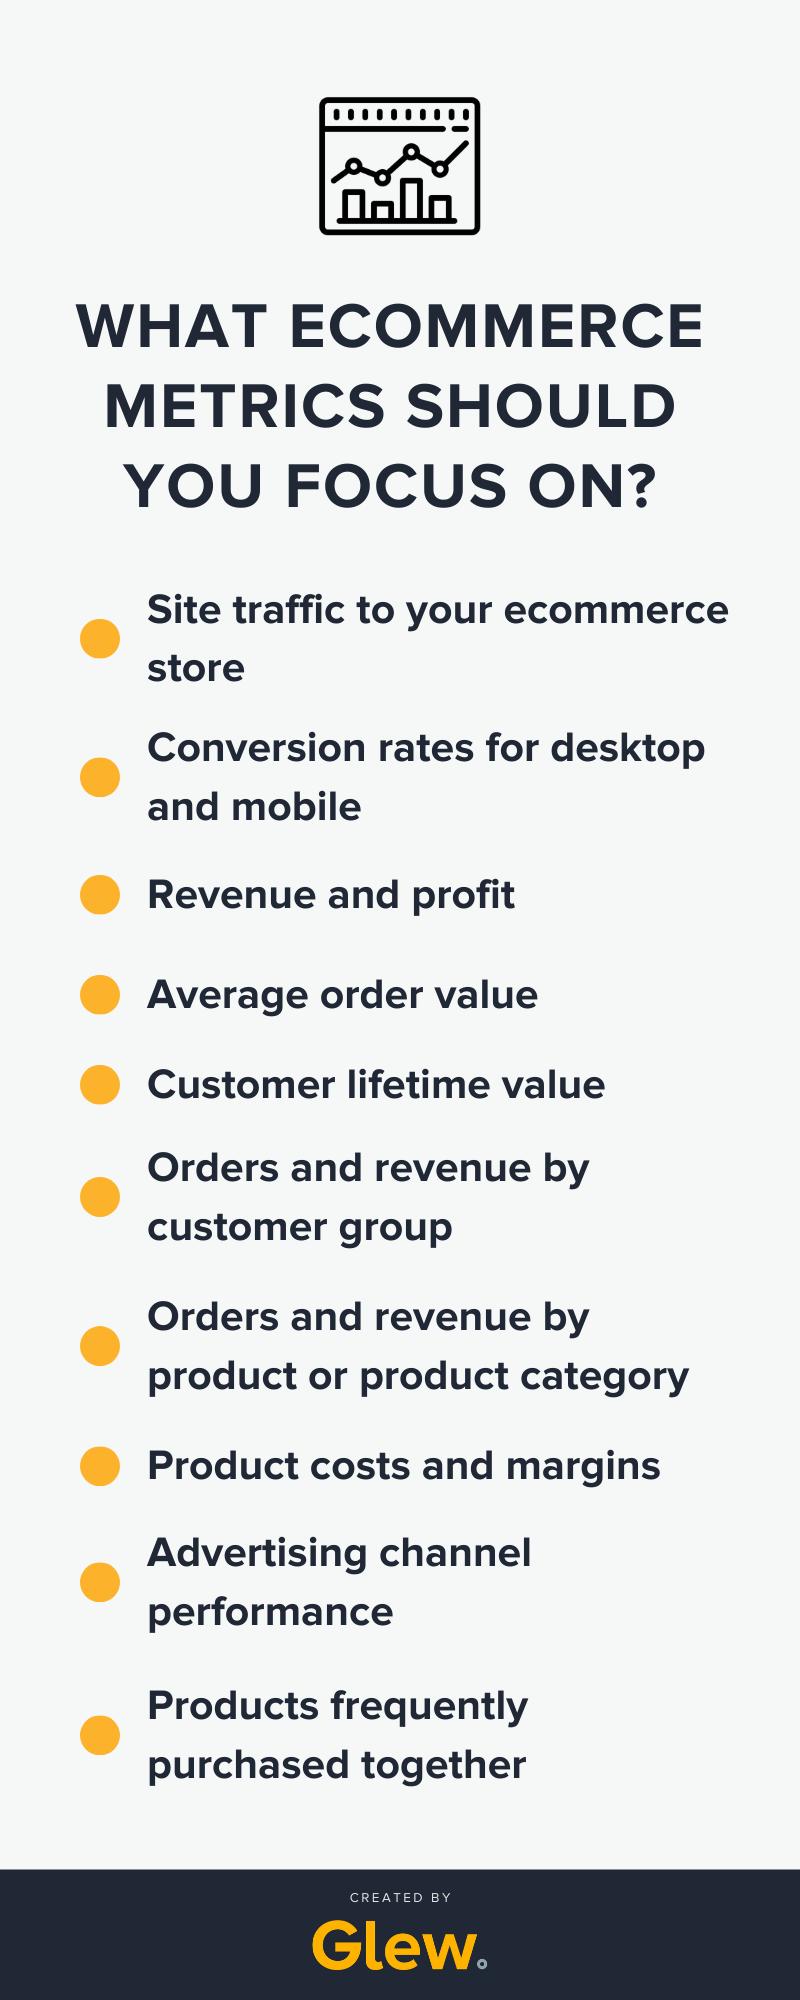 Primary ecommerce metrics to focus on